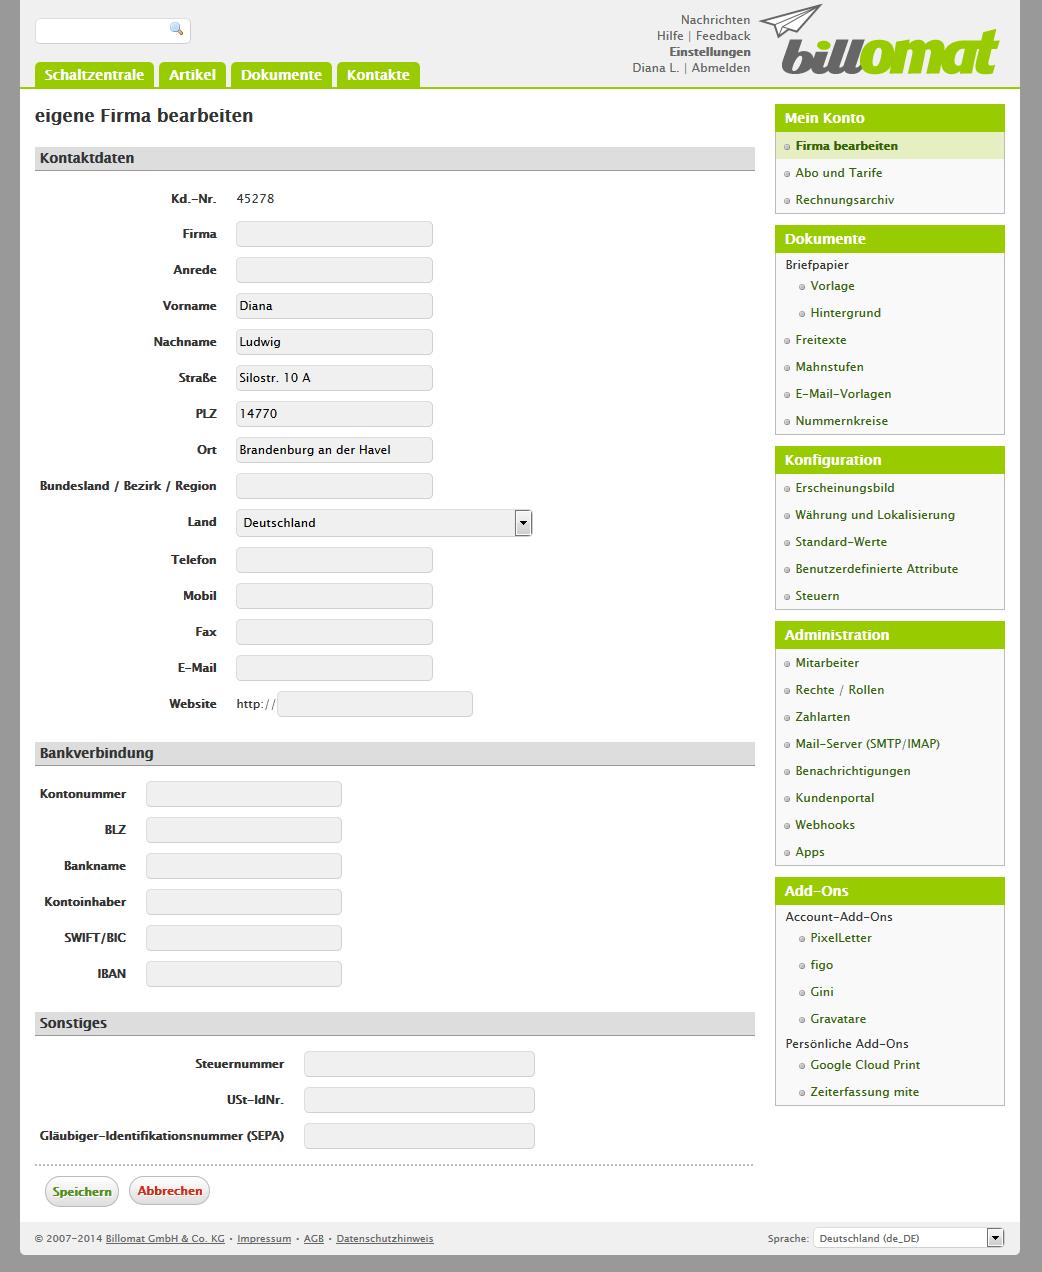 Screenshot: Firmendaten bearbeiten in der Rechnungssoftware billomat